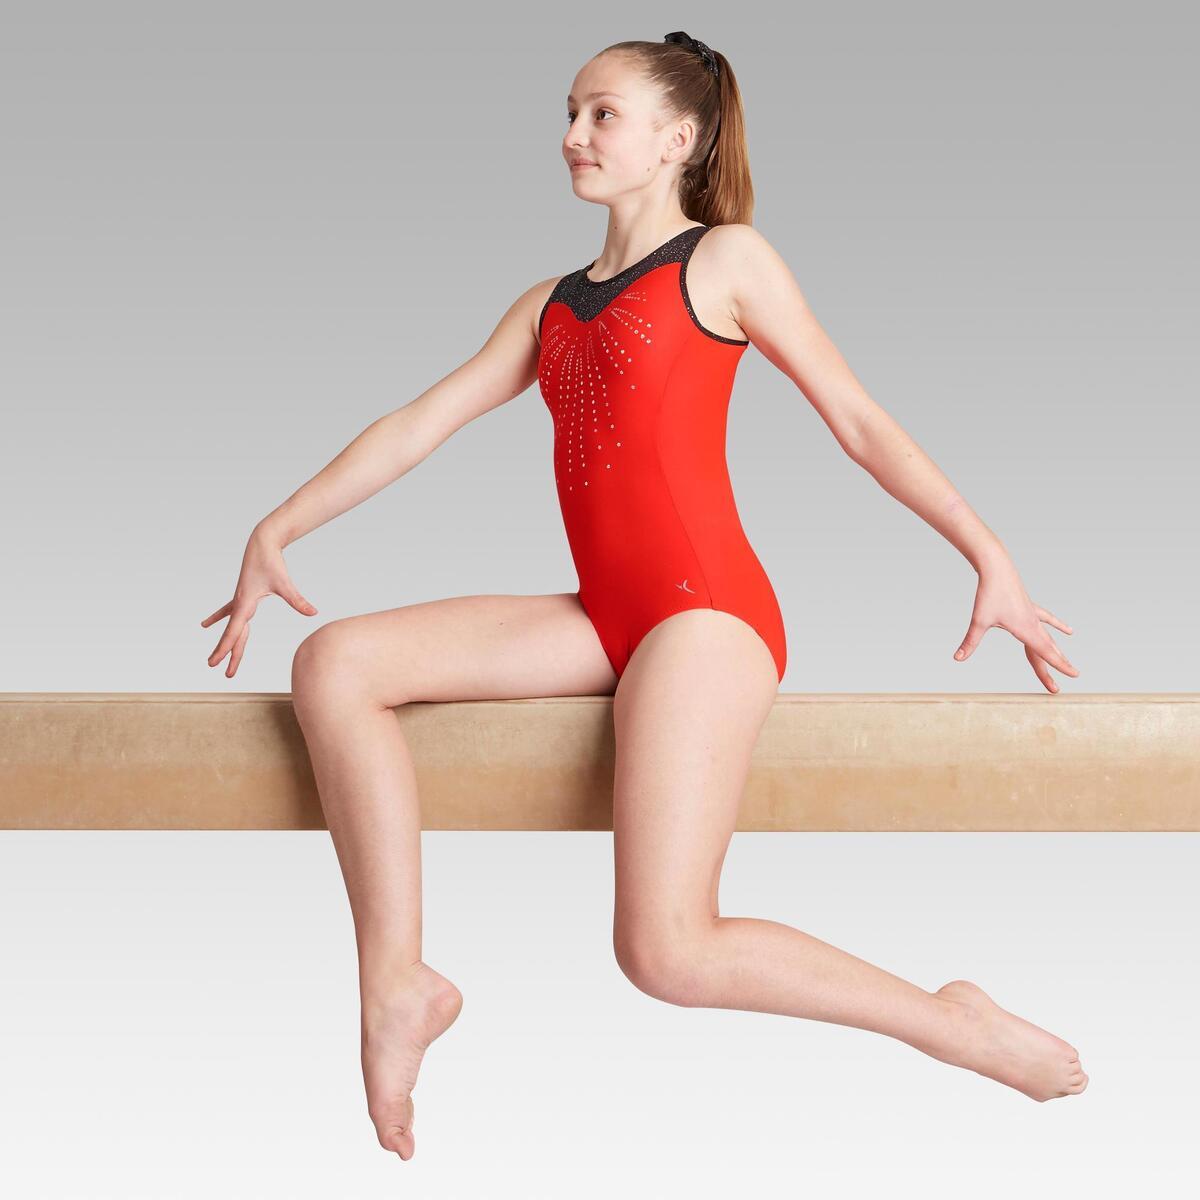 Bild 2 von Gymnastikanzug Turnanzug ärmellos 540 SM rot/schwarz